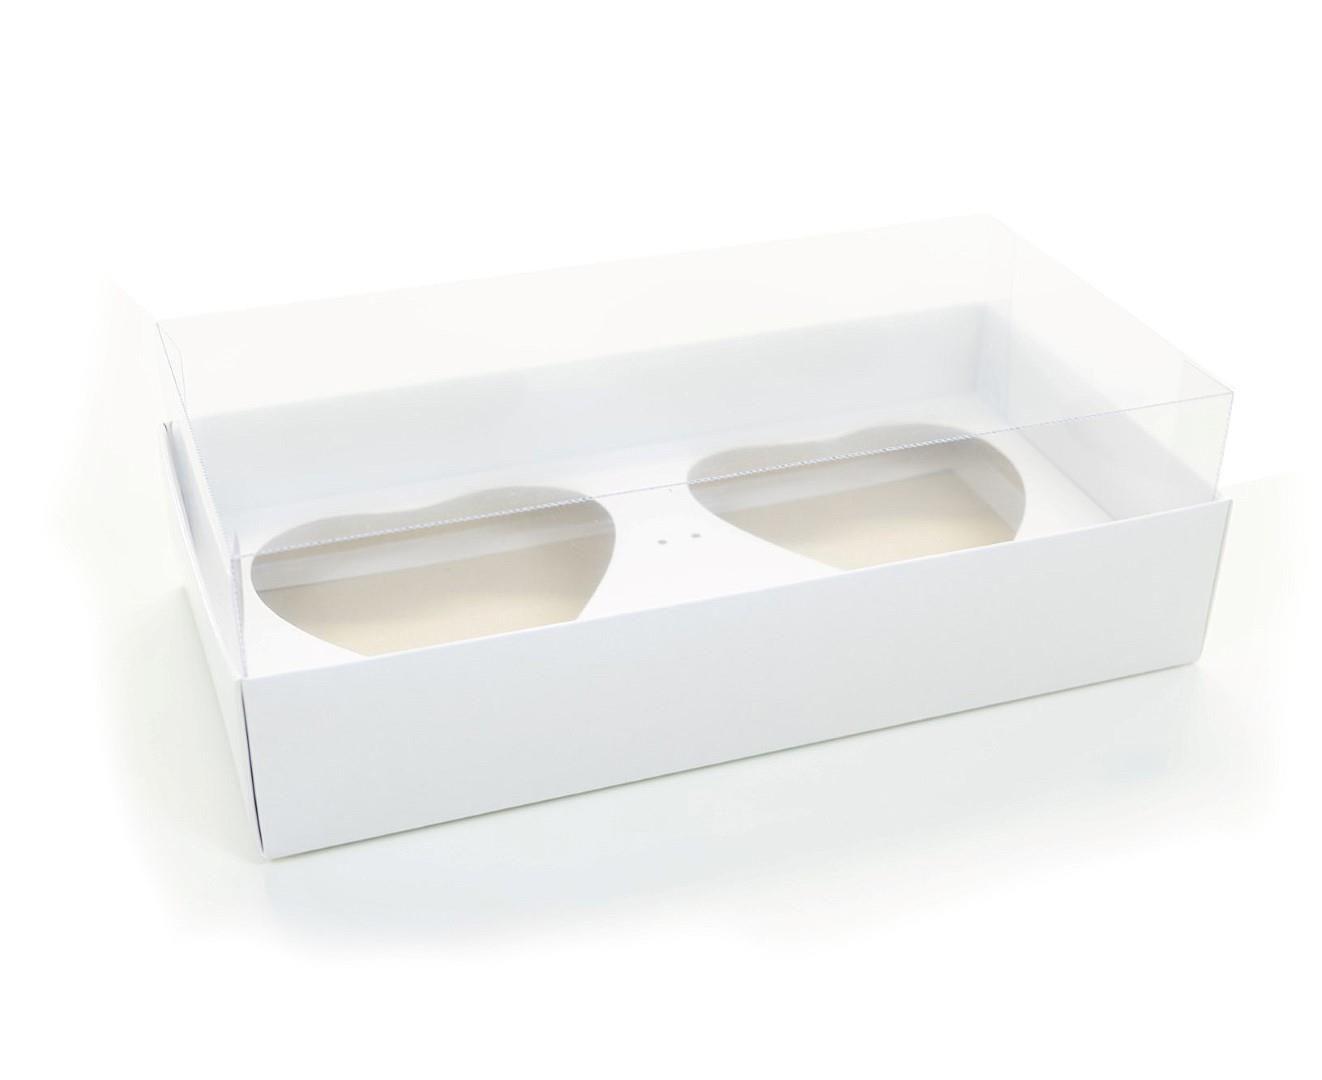 Ref 005 Branca - Caixa Coração Duplo 200 gr. c/ tampa Transparente ALTA - 25x13x7,5 cm - c/ 10 unidades